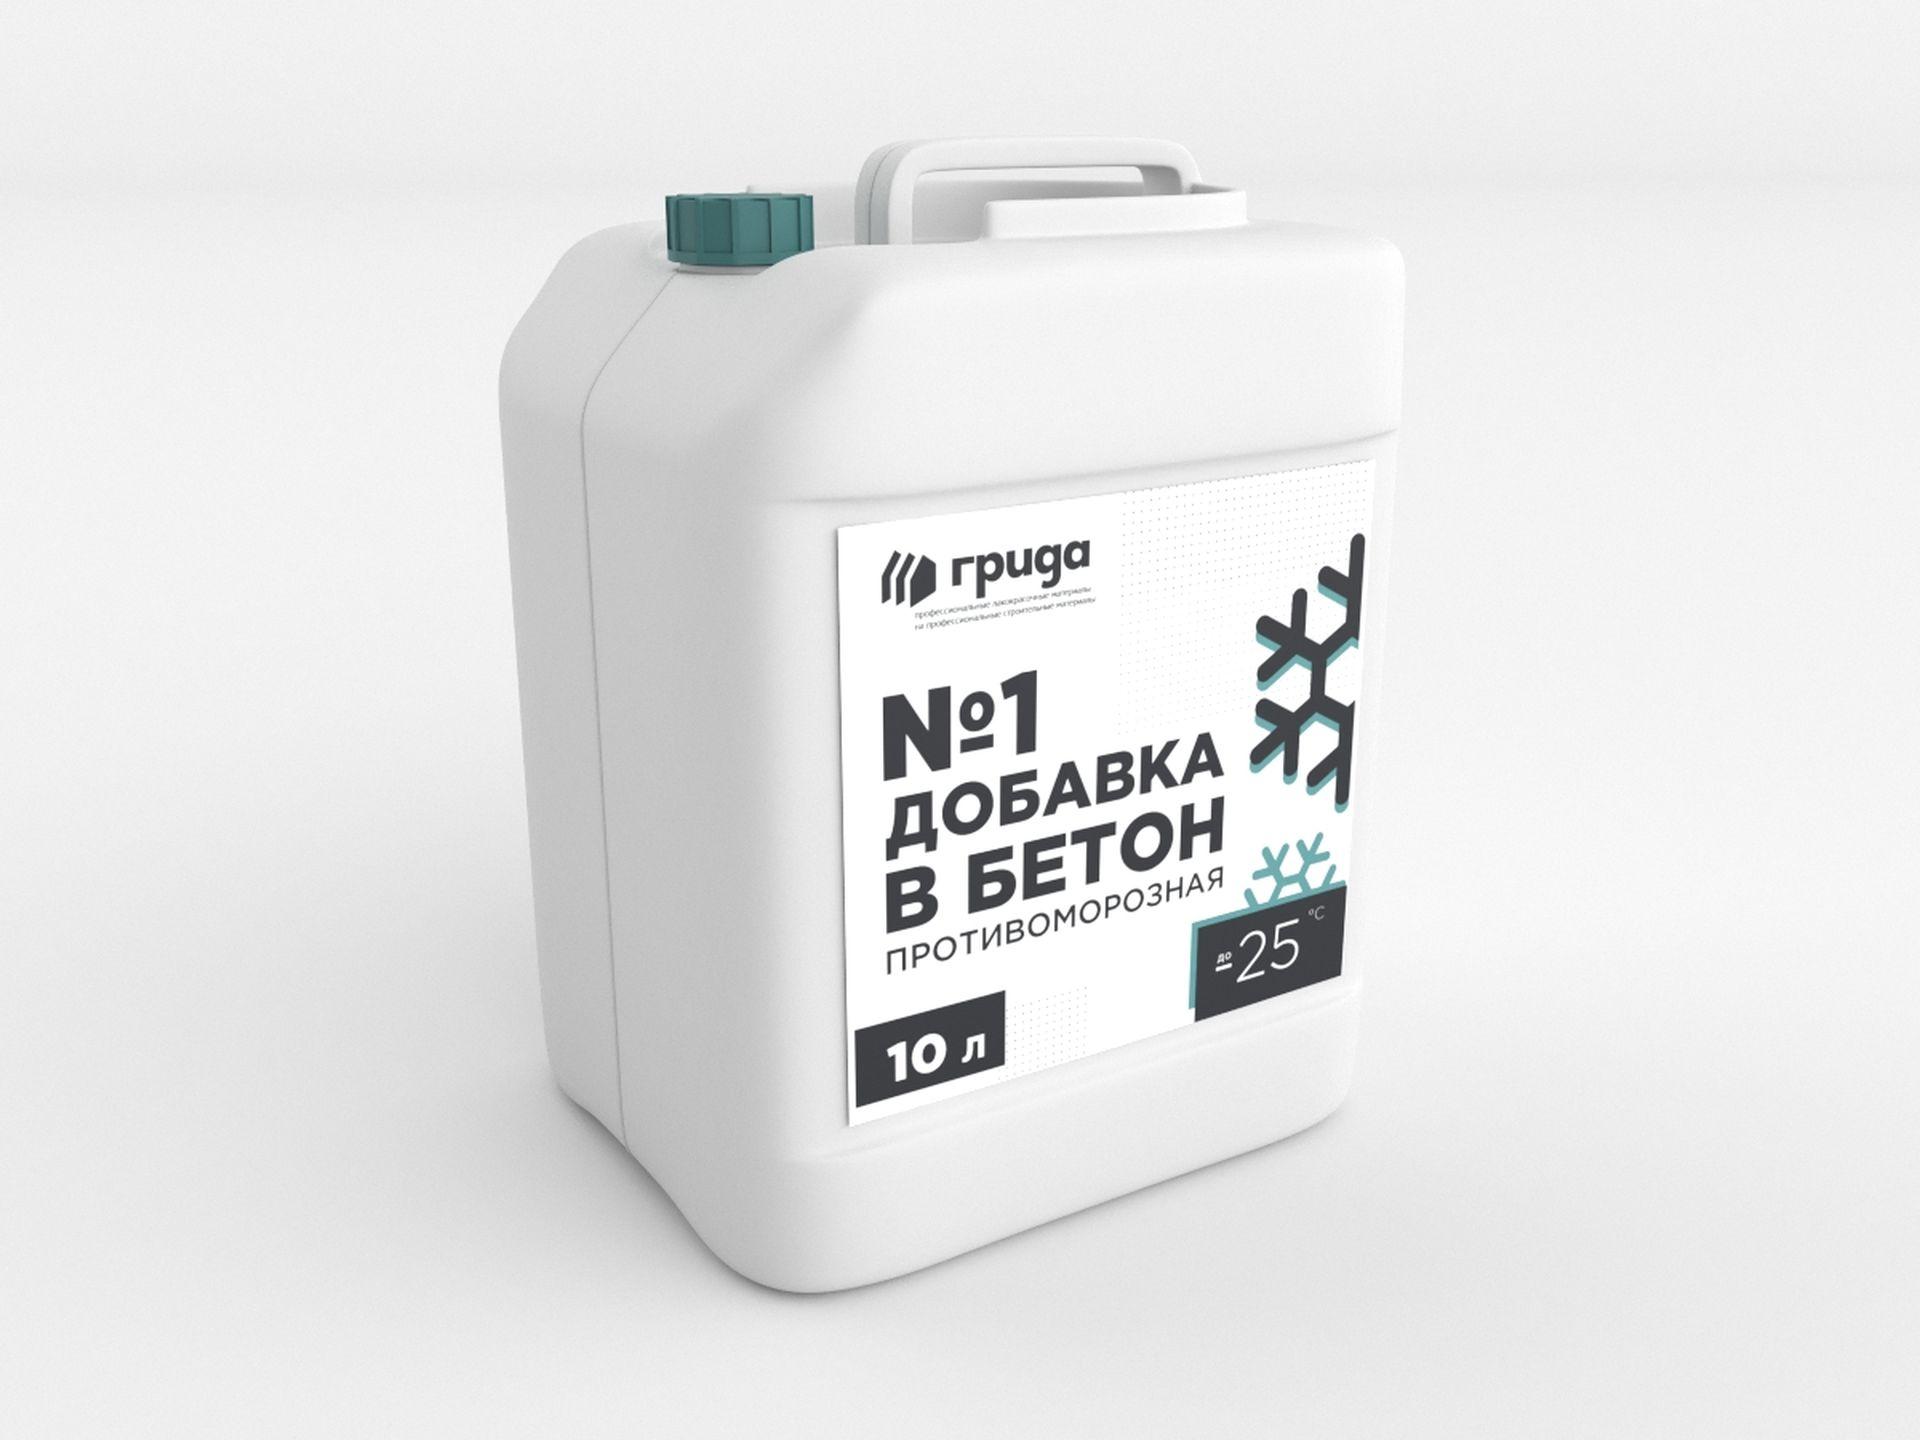 антикоррозийные добавки в бетон